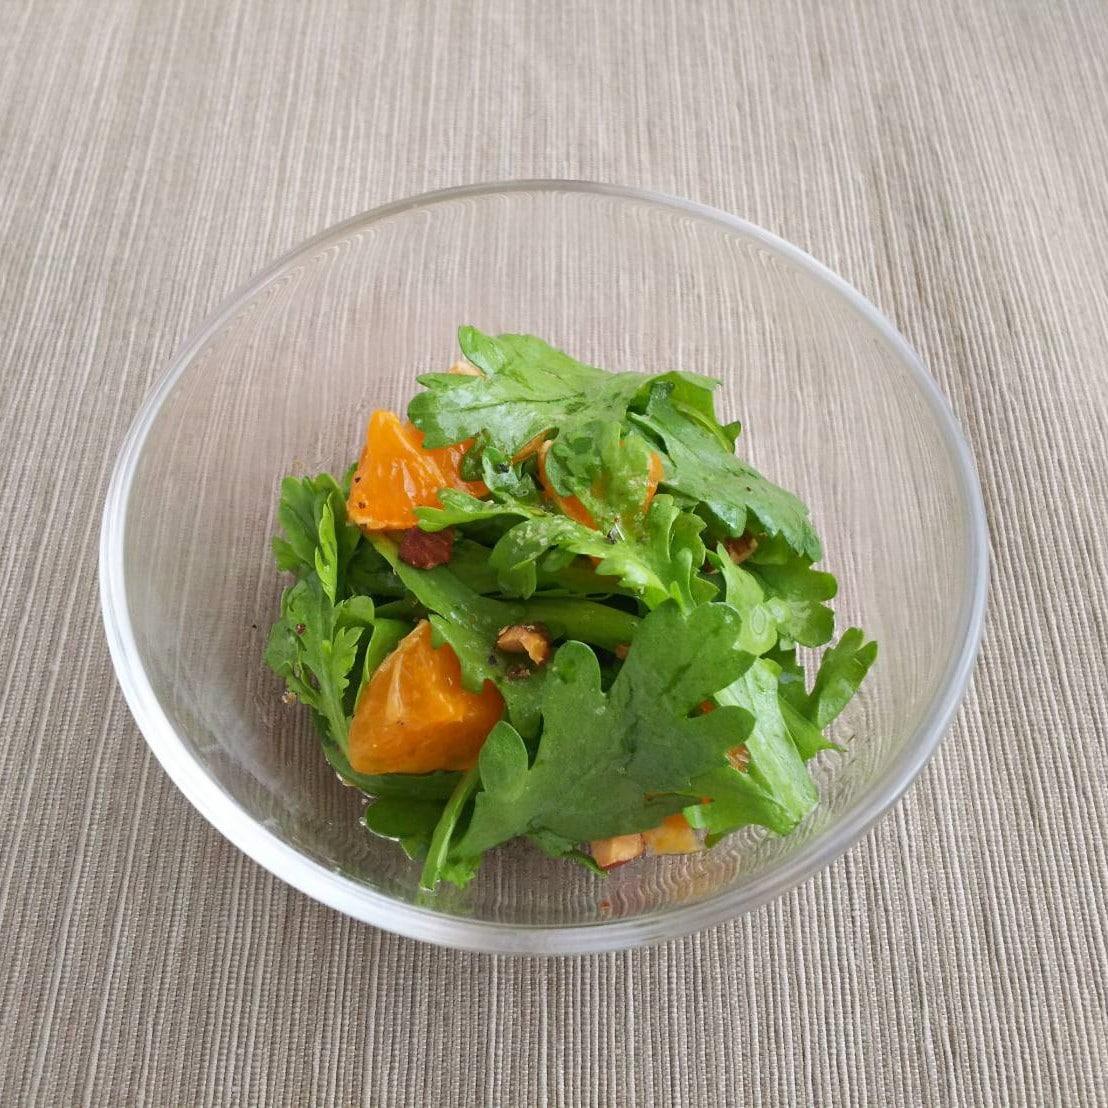 春菊とみかんのサラダ あしたのキッチンカウンター